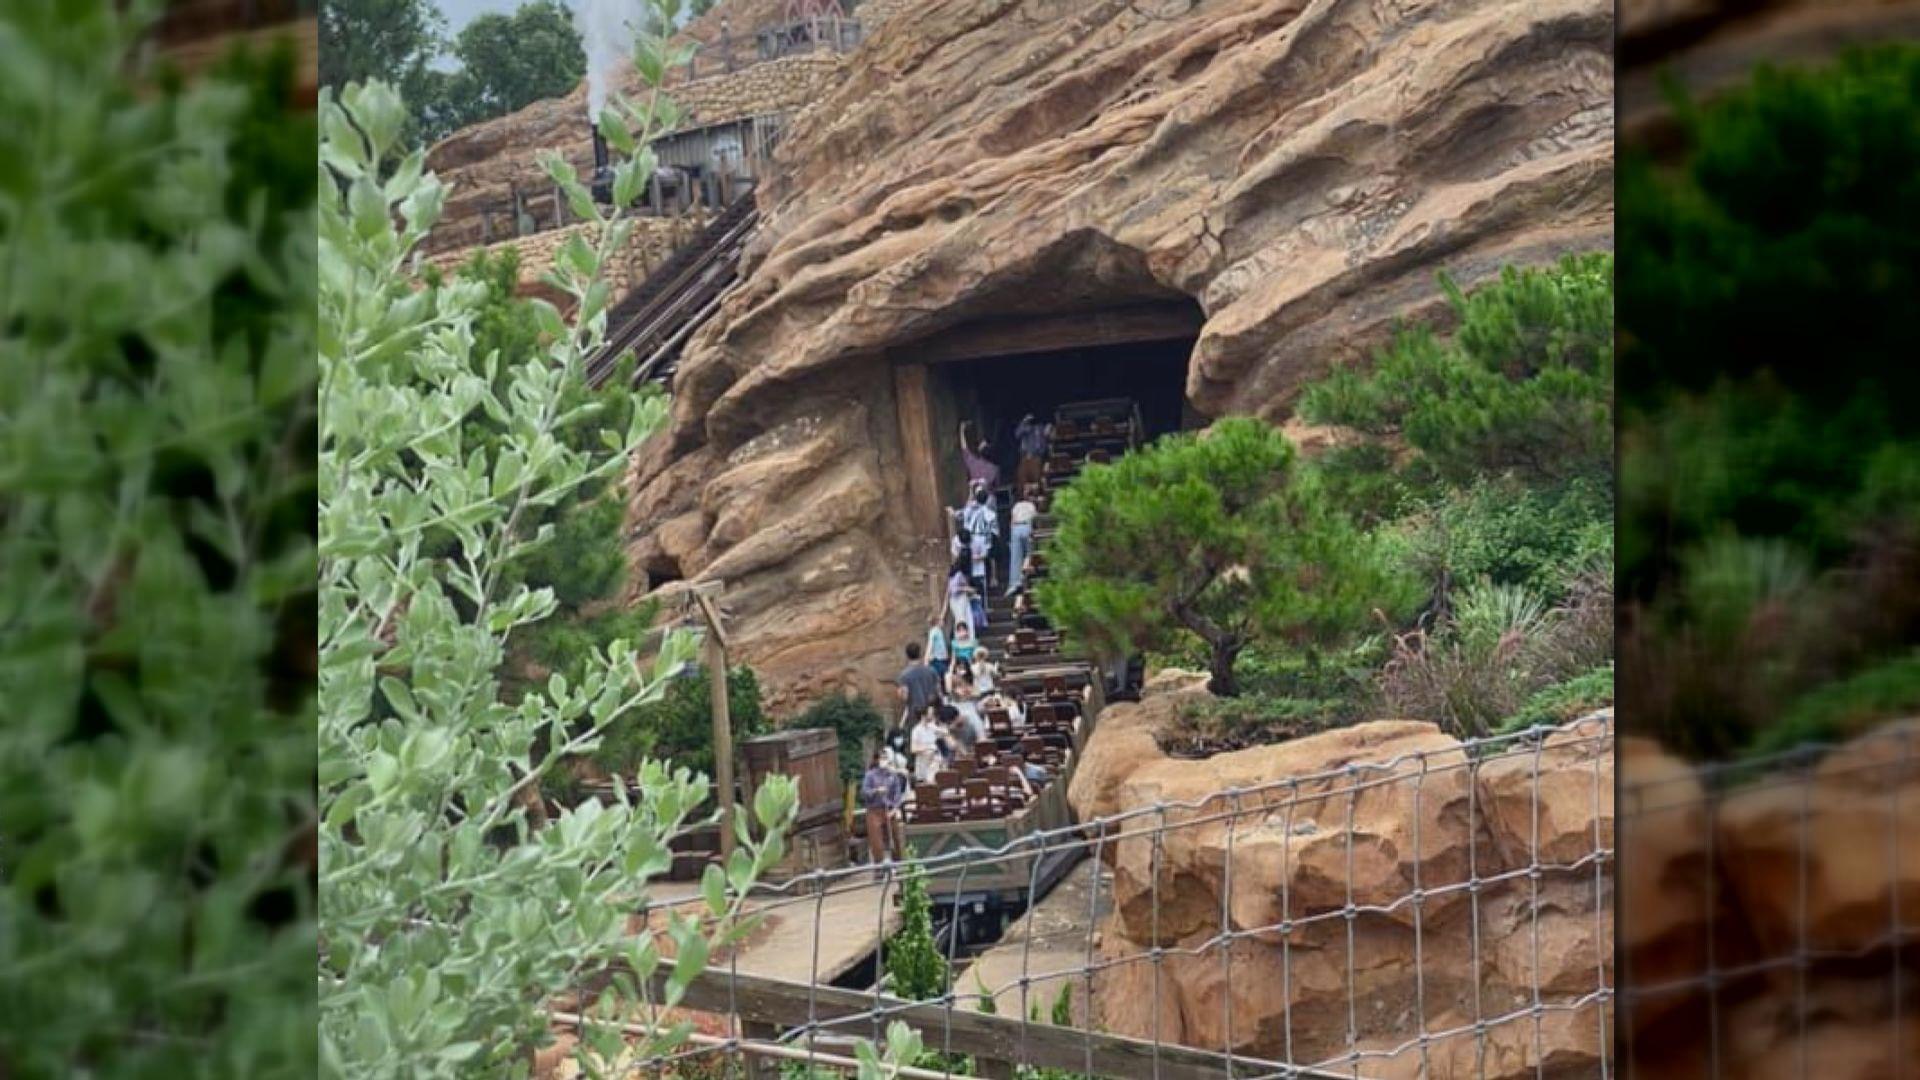 迪士尼灰熊山極速礦車一度暫停 車上遊客要下車離開